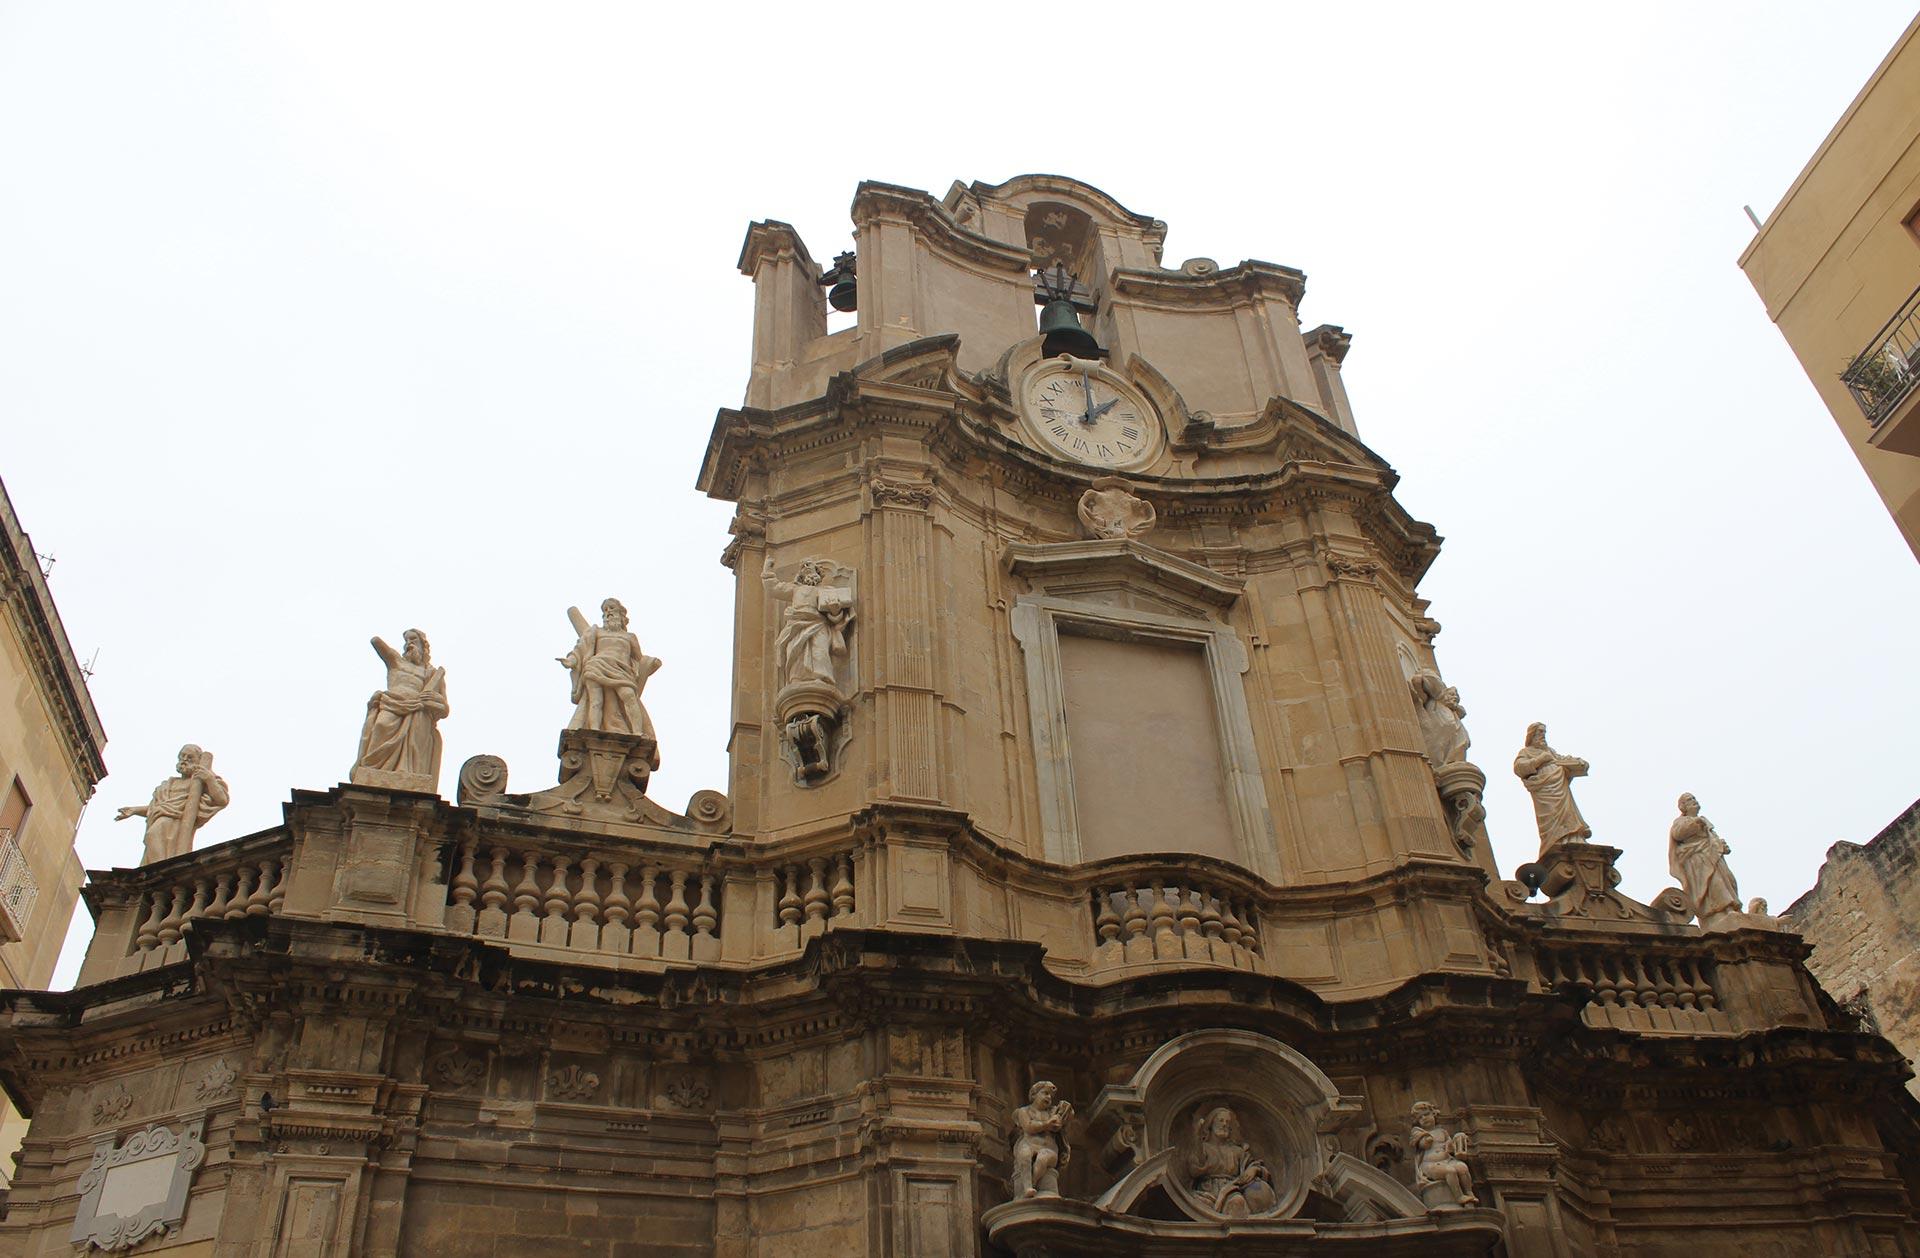 Chiesa-delle-Anime-Sante-del-Purgatorio-1.jpg ... 321213faba2b